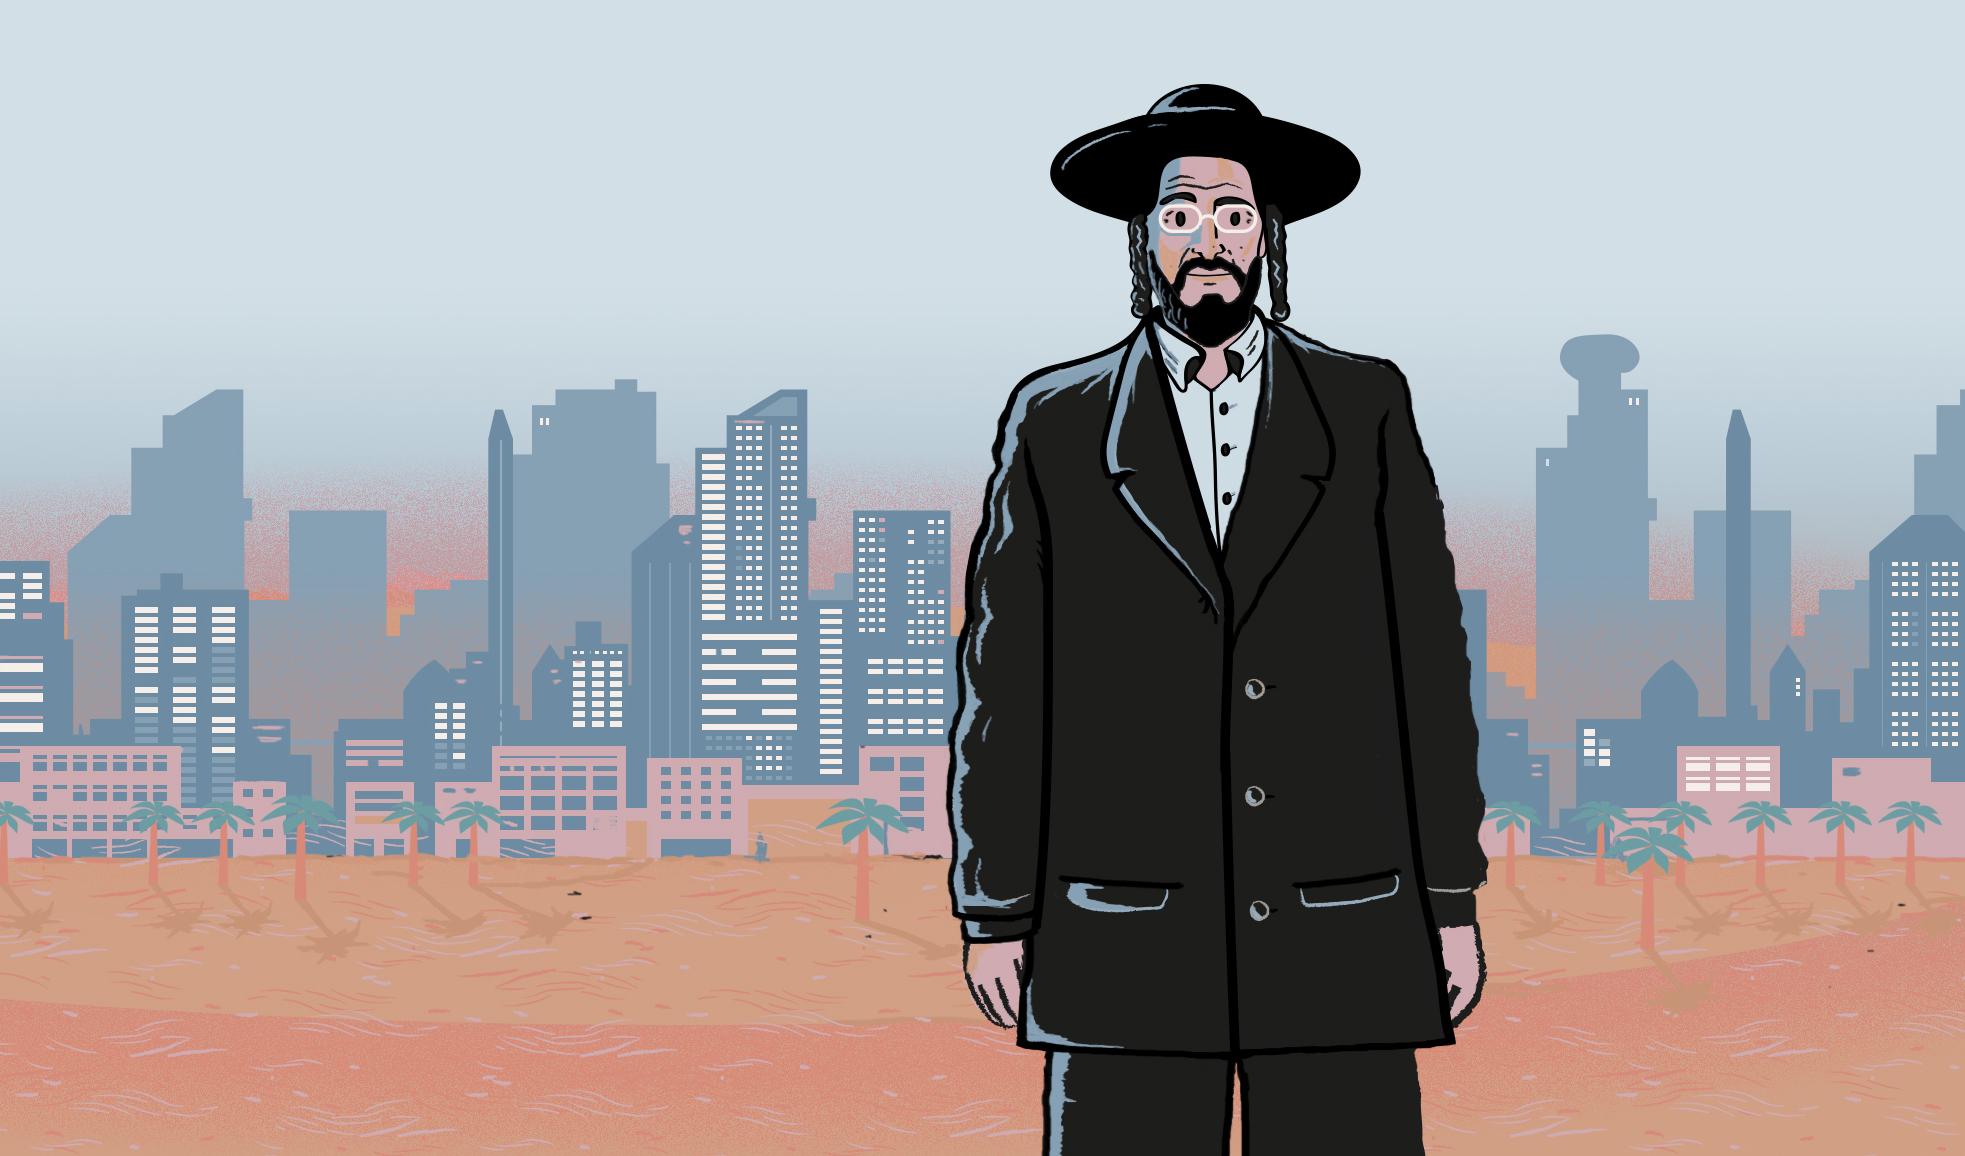 Армия, религия и никакой иерархии: особенности бизнеса в Израиле